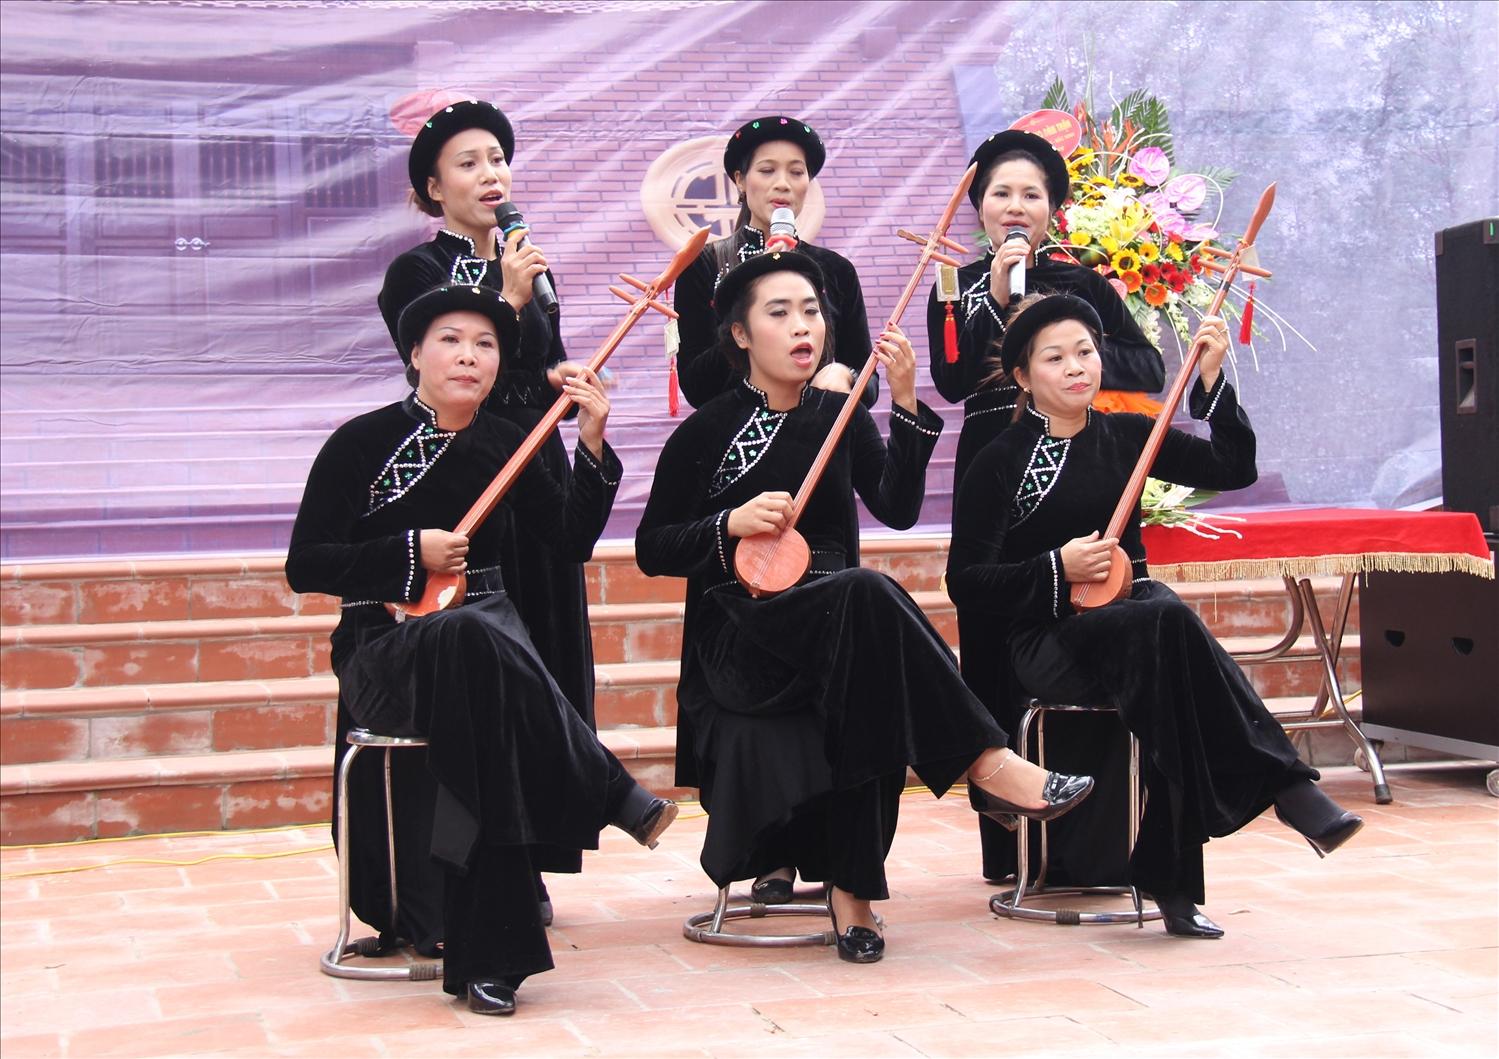 Then văn nghệ ngày càng có sức sống trong đời sống tinh thần của đồng bào Tày- Nùng tỉnh Bắc Giang